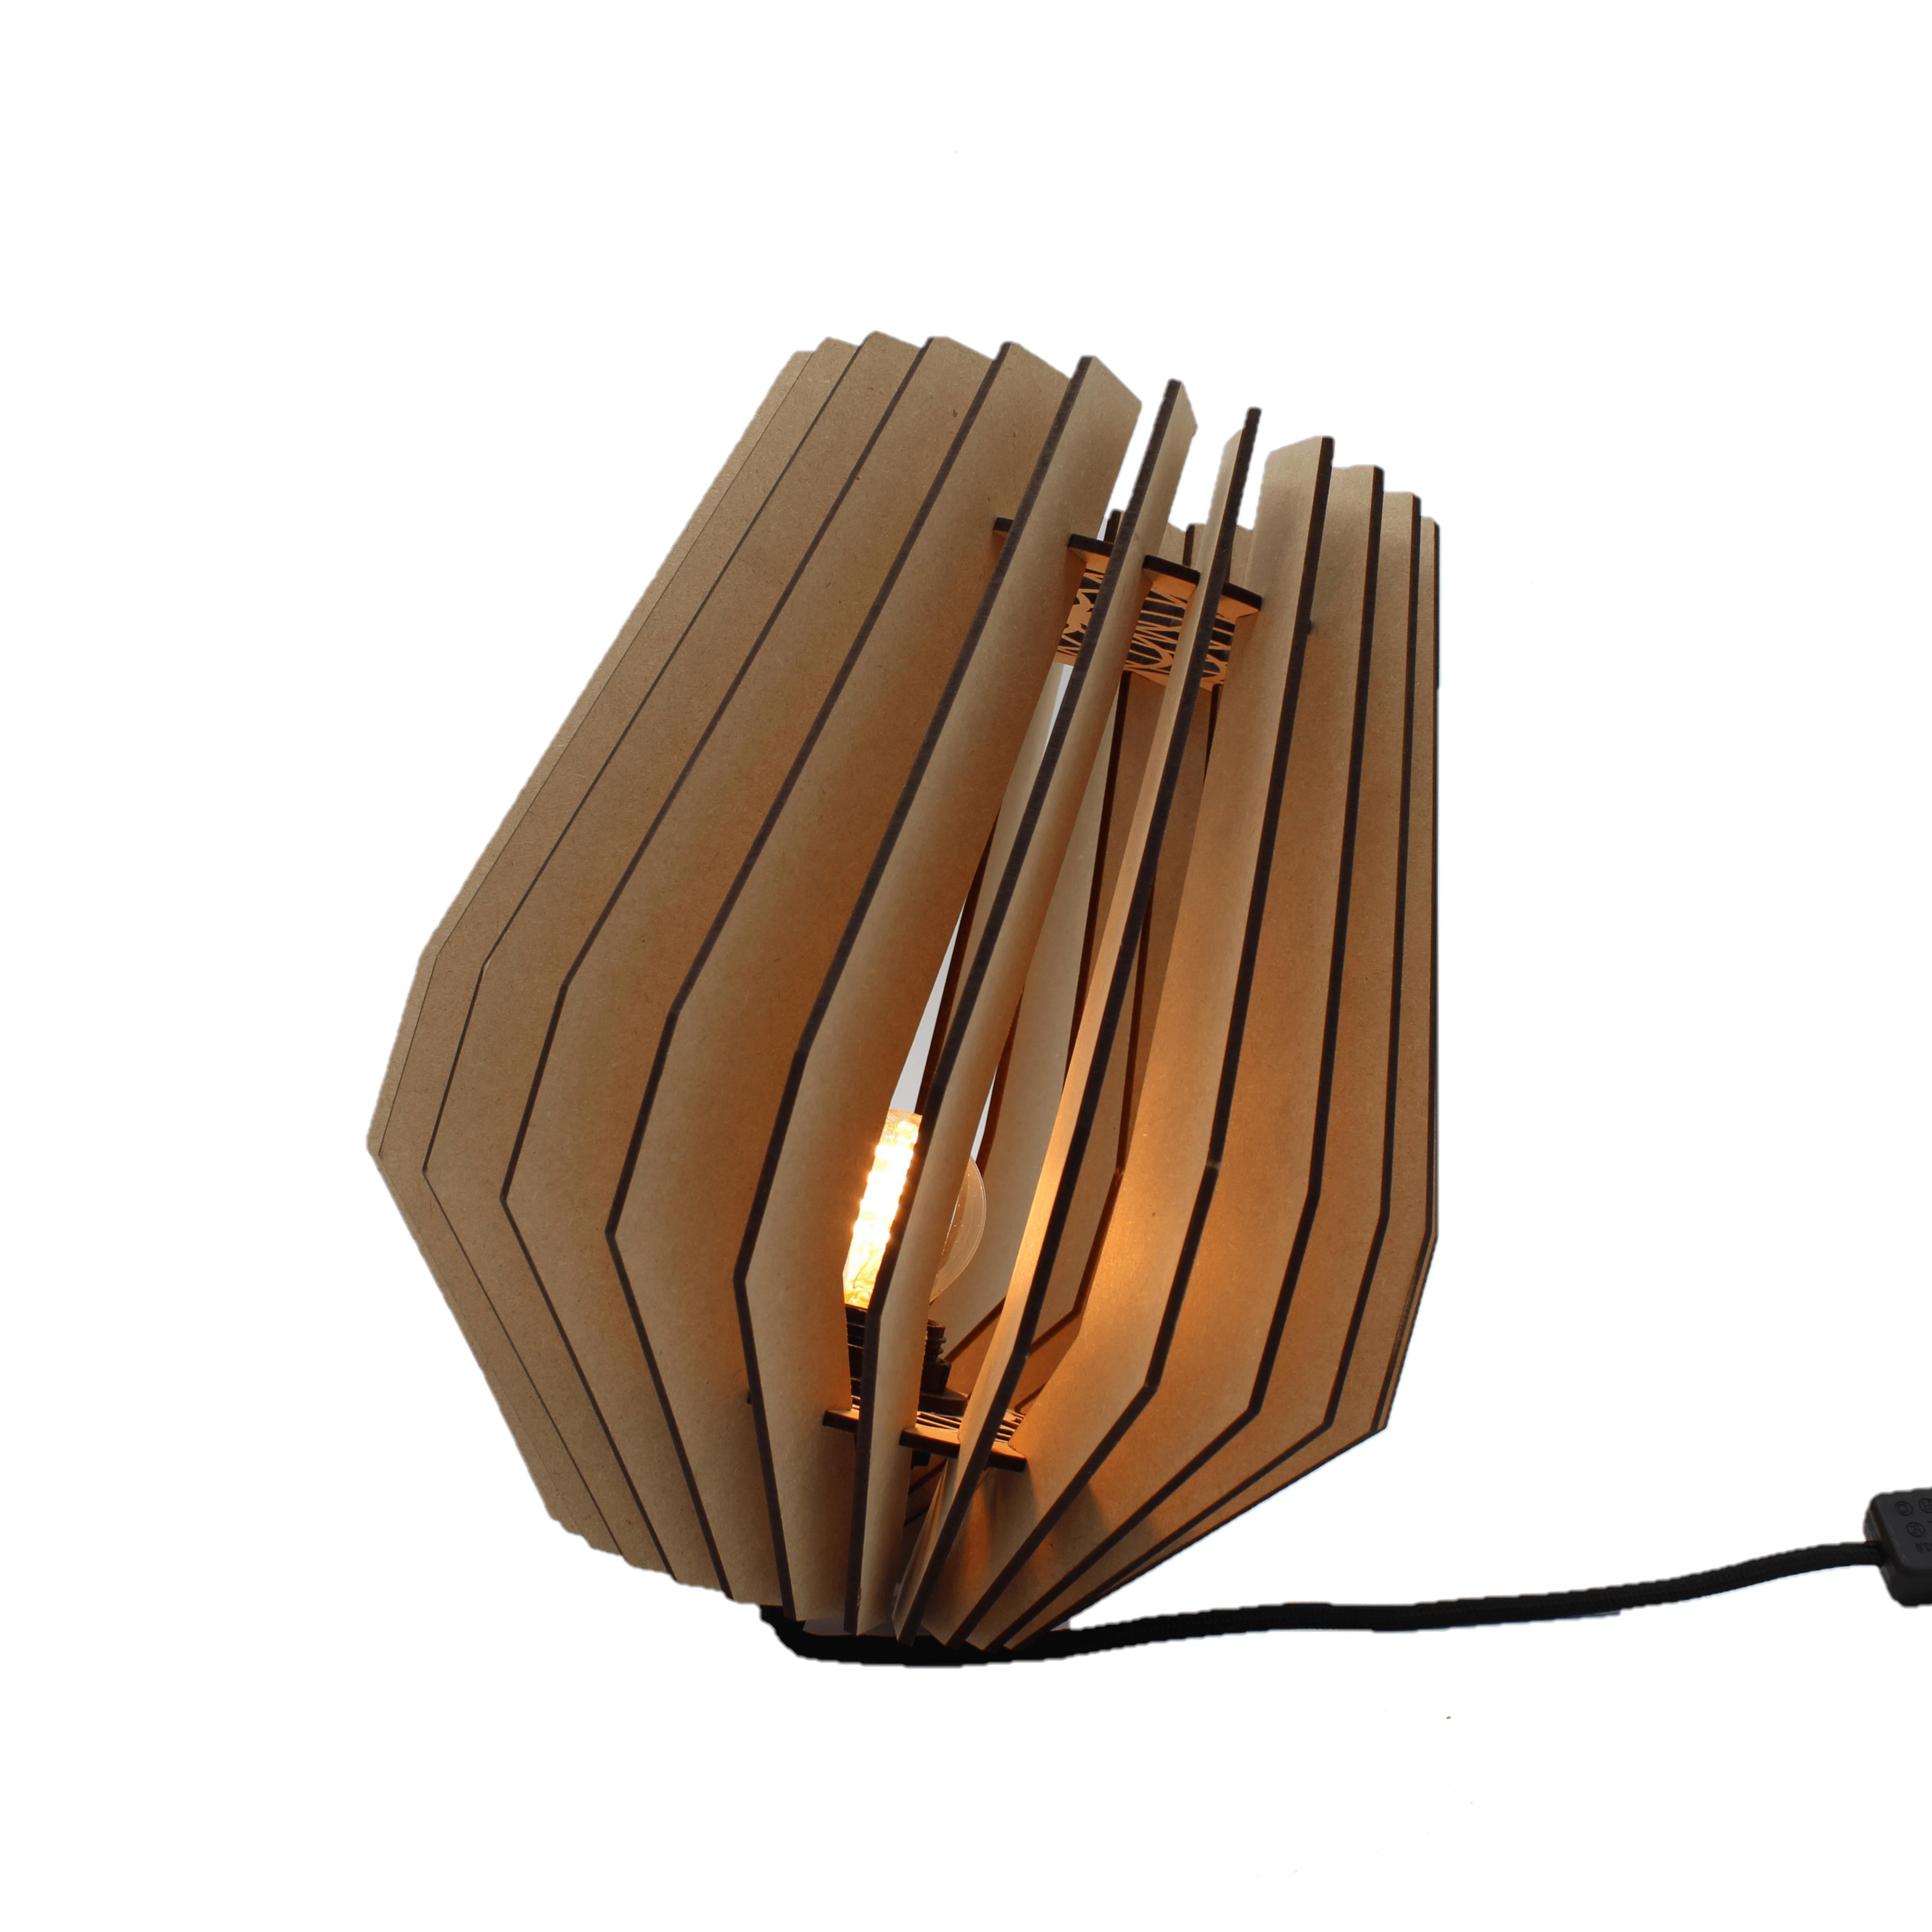 Tafellamp Corners 27cm Naturel Hout